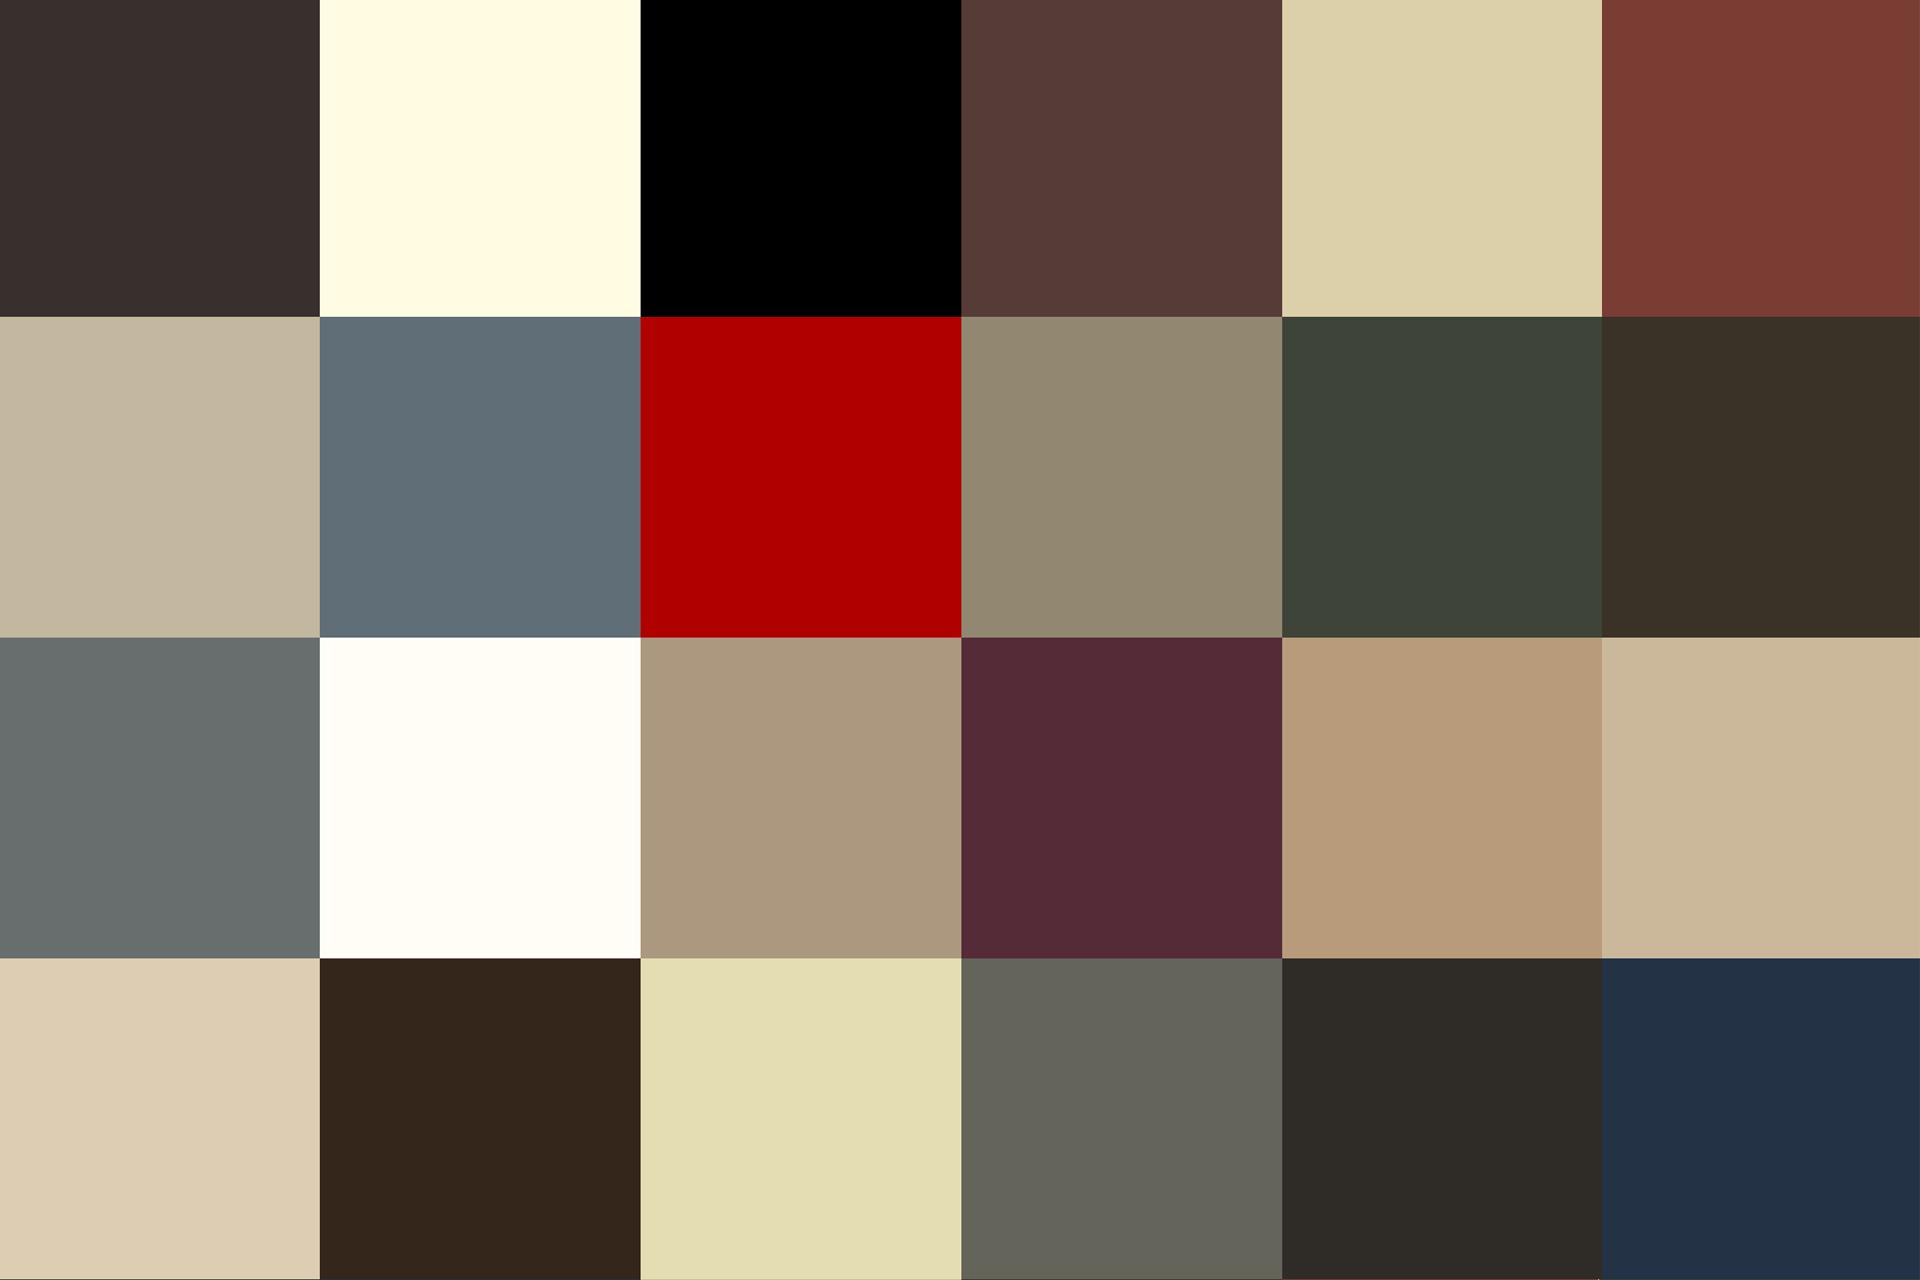 Quelle Couleur Choisir Pour Peindre Des Portes la bonne couleur pour vos portes et fenêtres ⋆ portatec